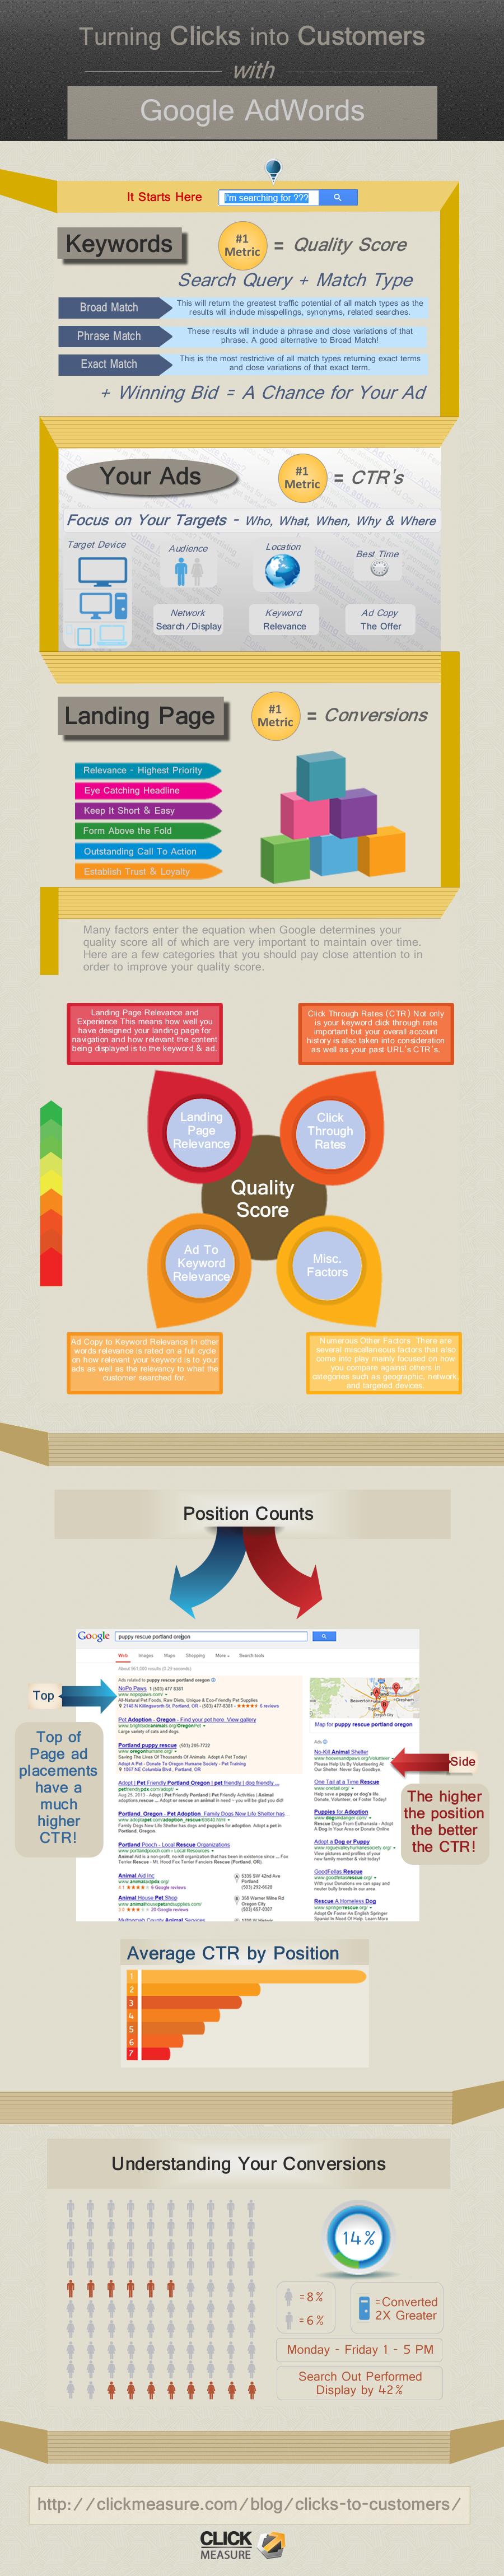 Convierte clicks en consumidores con Adwords #infografia #infographic #marketing